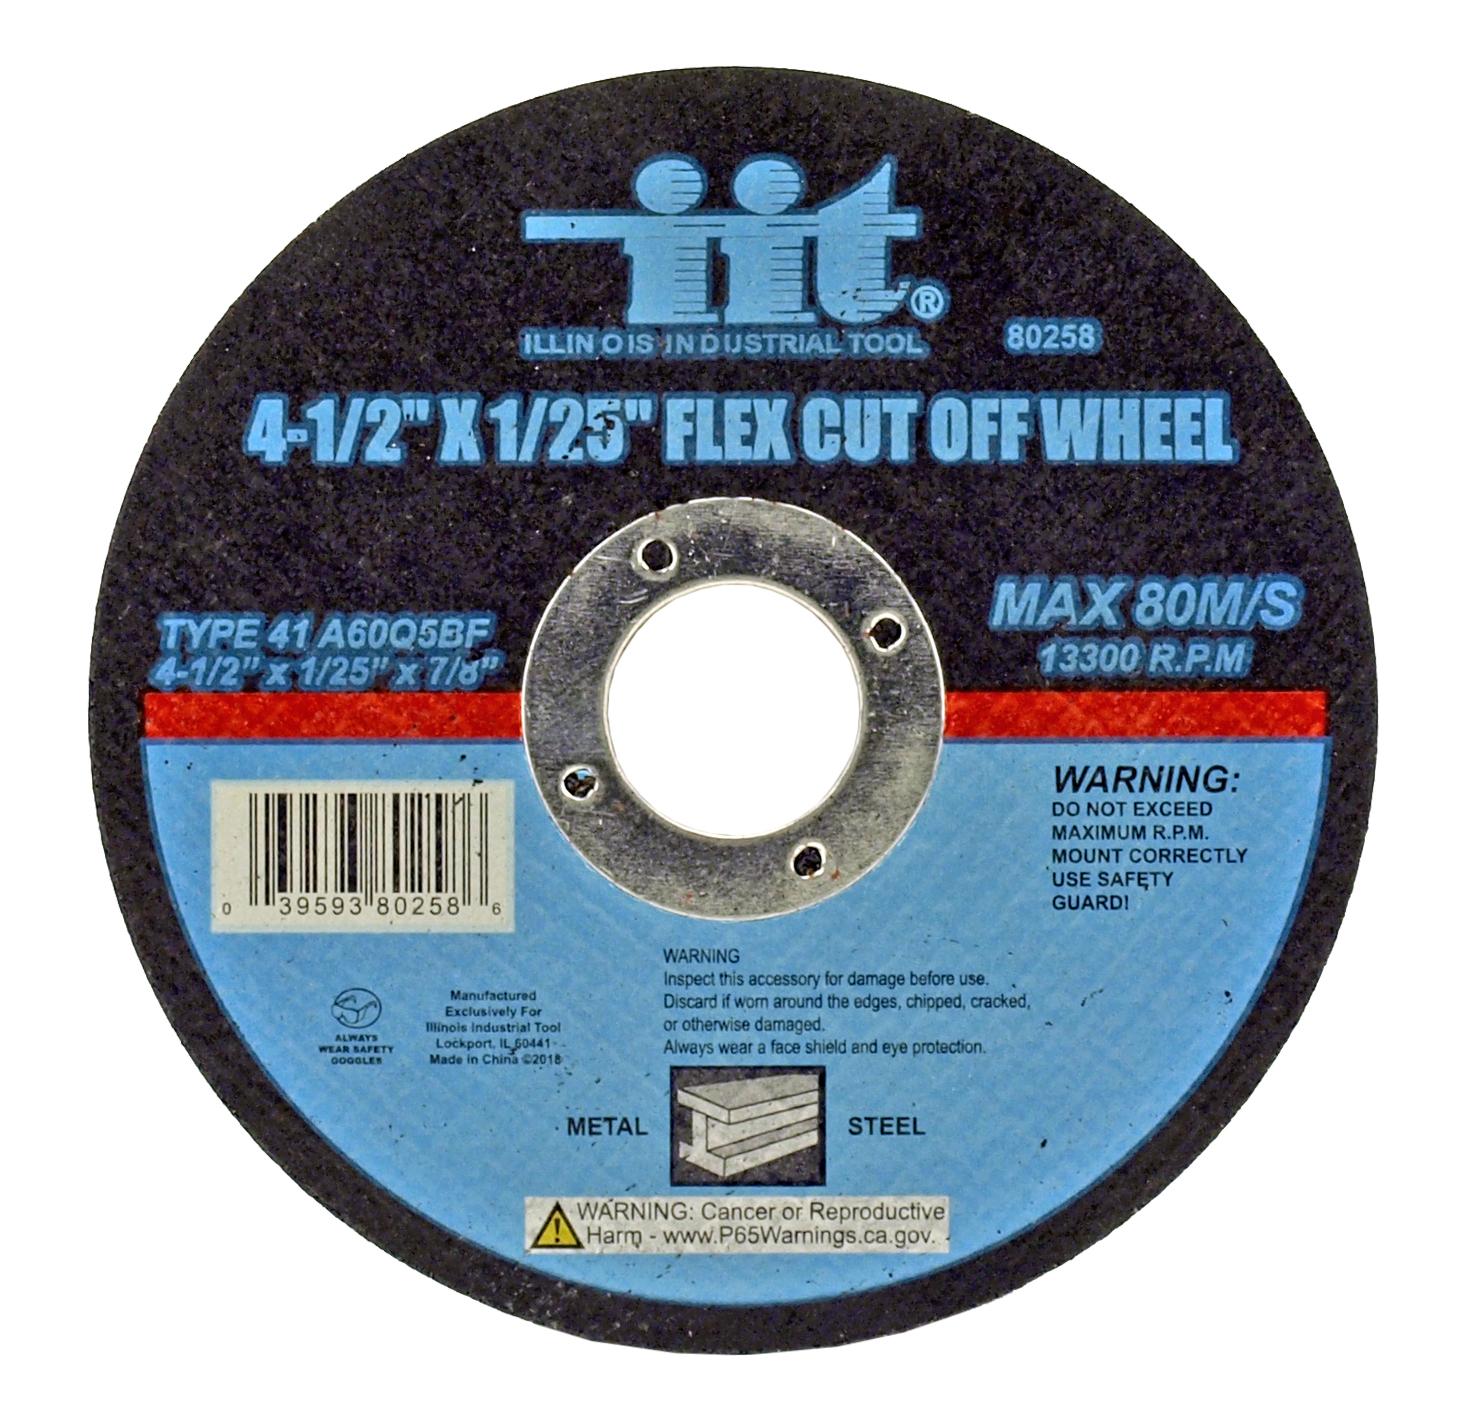 4-1/2 in x 1/25 in Flex Cut-Off Wheel